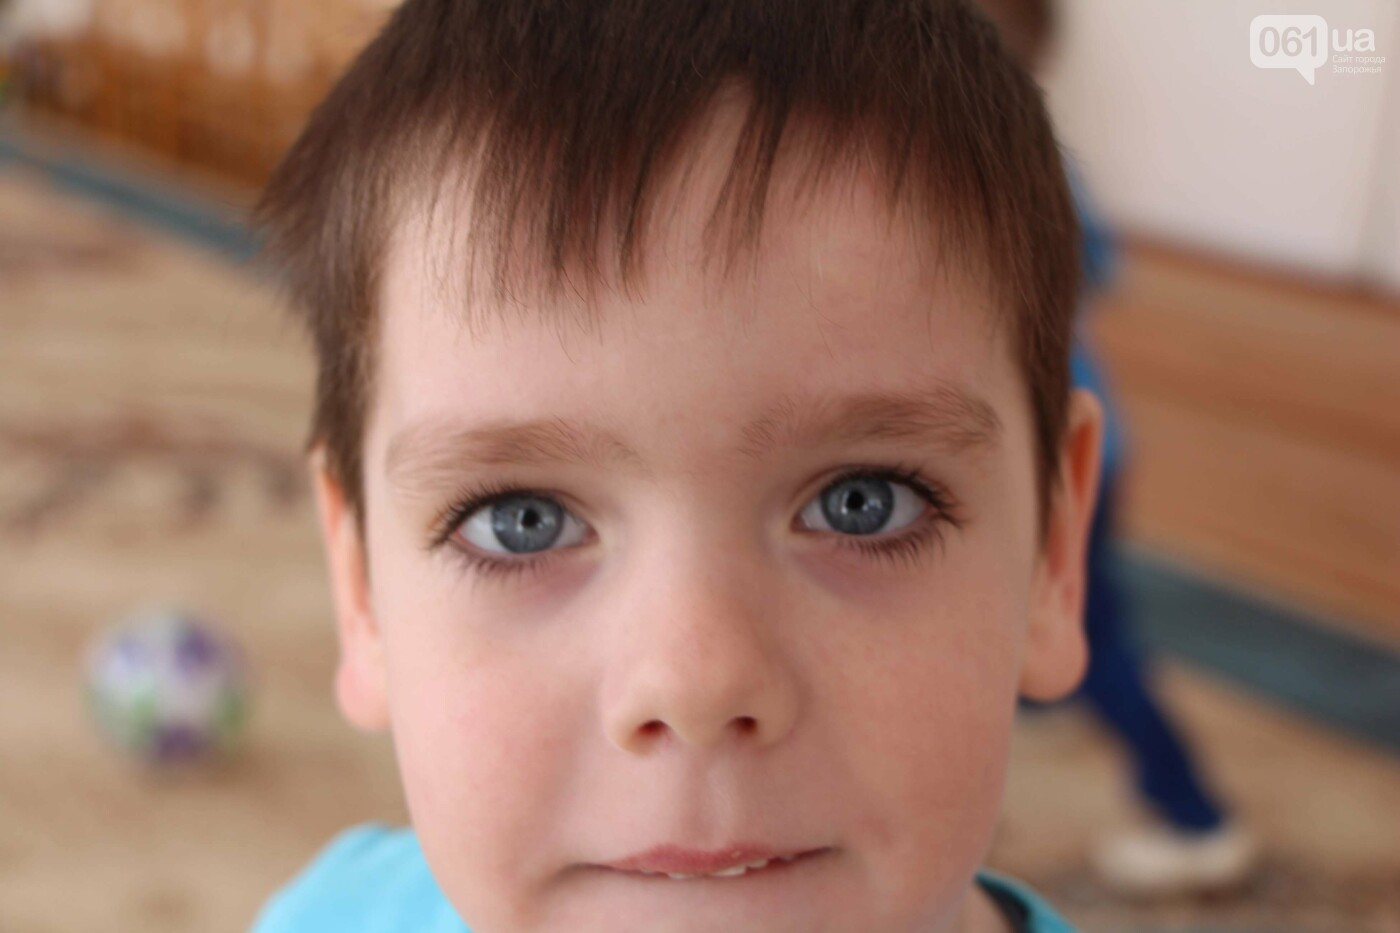 Познакомиться с будущим ребенком: как и почему волонтеры создают анкеты для запорожских сирот, фото-10